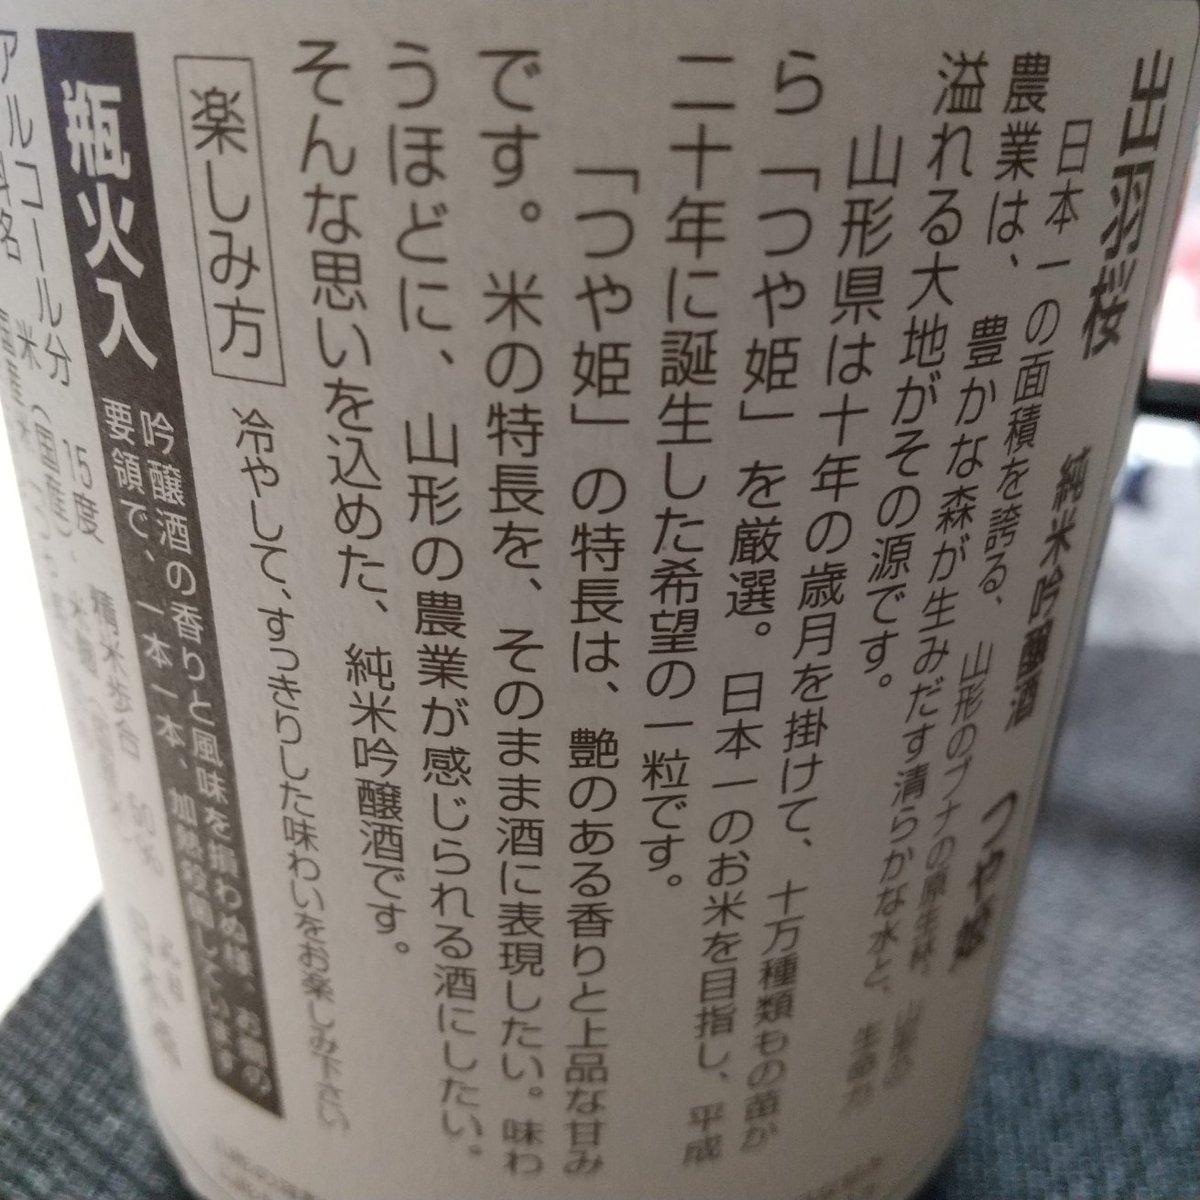 test ツイッターメディア - 出羽桜純米吟醸つや姫、今日飲んでた酒なんだけど、しっかりと様々な米の味が感じられるが浮わつかず落ち着いた日本酒で大変よかった。いつも飲んでる酒米を参照すると吟風で作った酒が一番近い。おすすめの冷やしてすっきりもよかったが室温くらいでも俺は好き。 https://t.co/DQHZSeJu7a